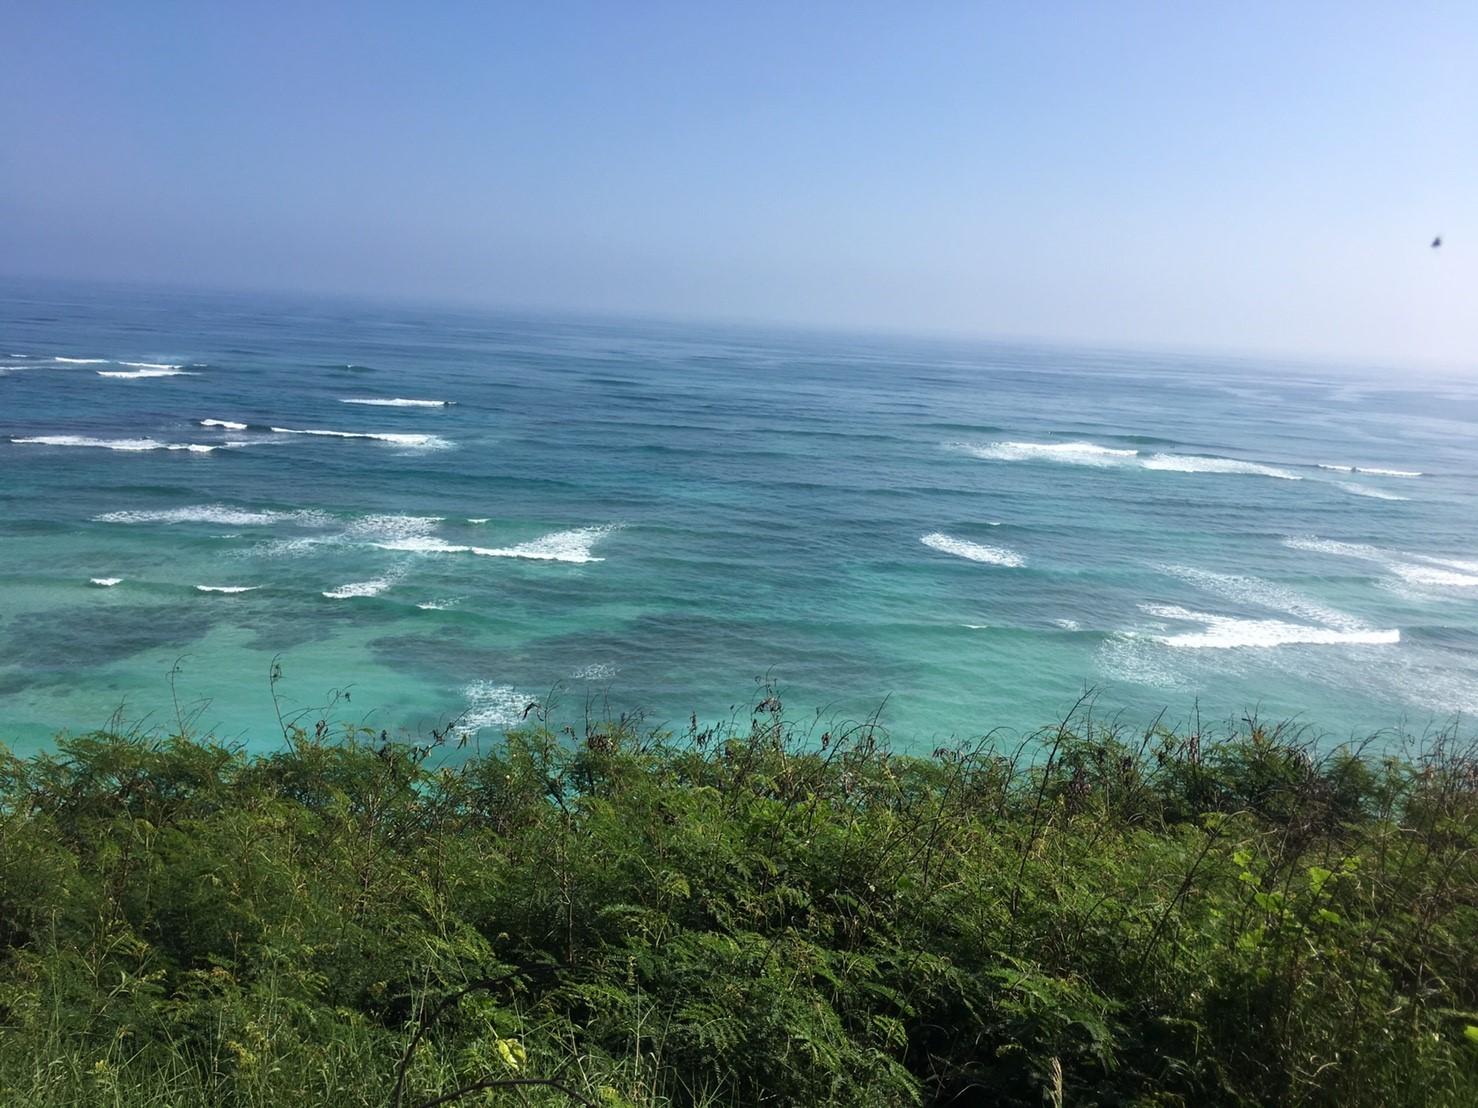 映画ロケ地にもなったクアロアランチ牧場で聖地巡礼【ハワイ新婚旅行】